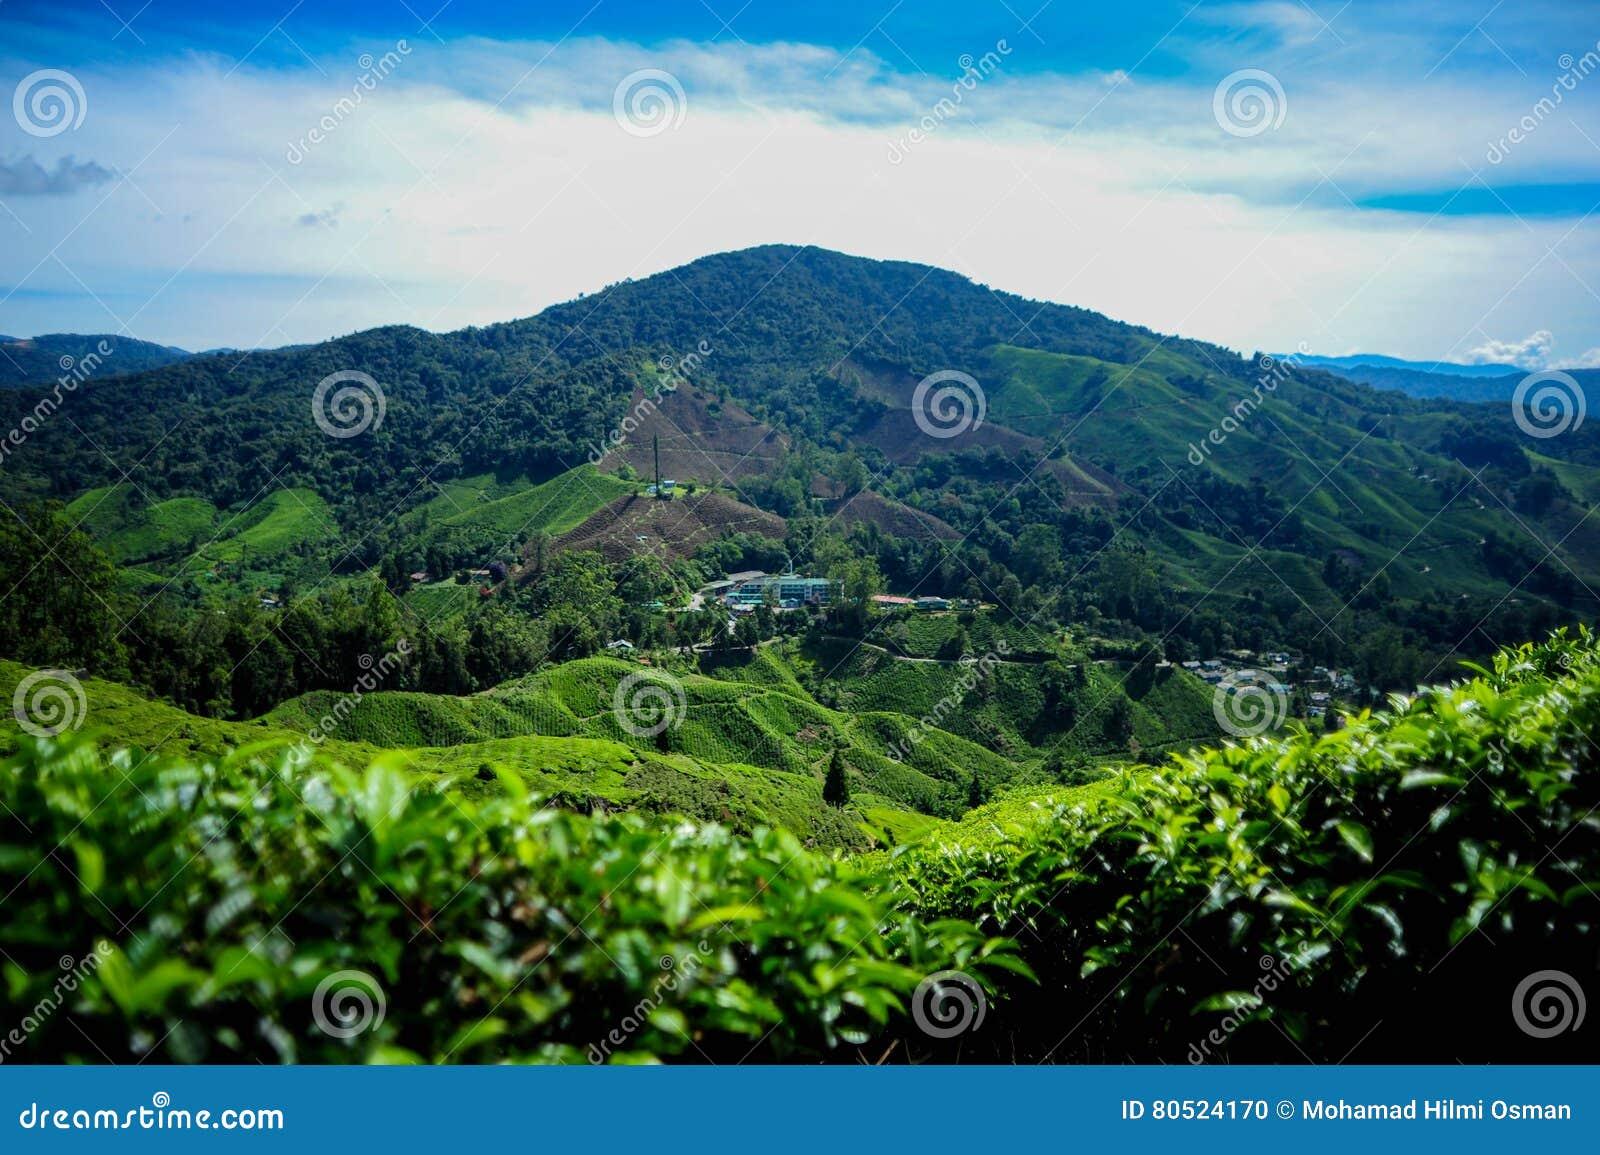 Красивый вид на плантации чая в гористой местности Камерона